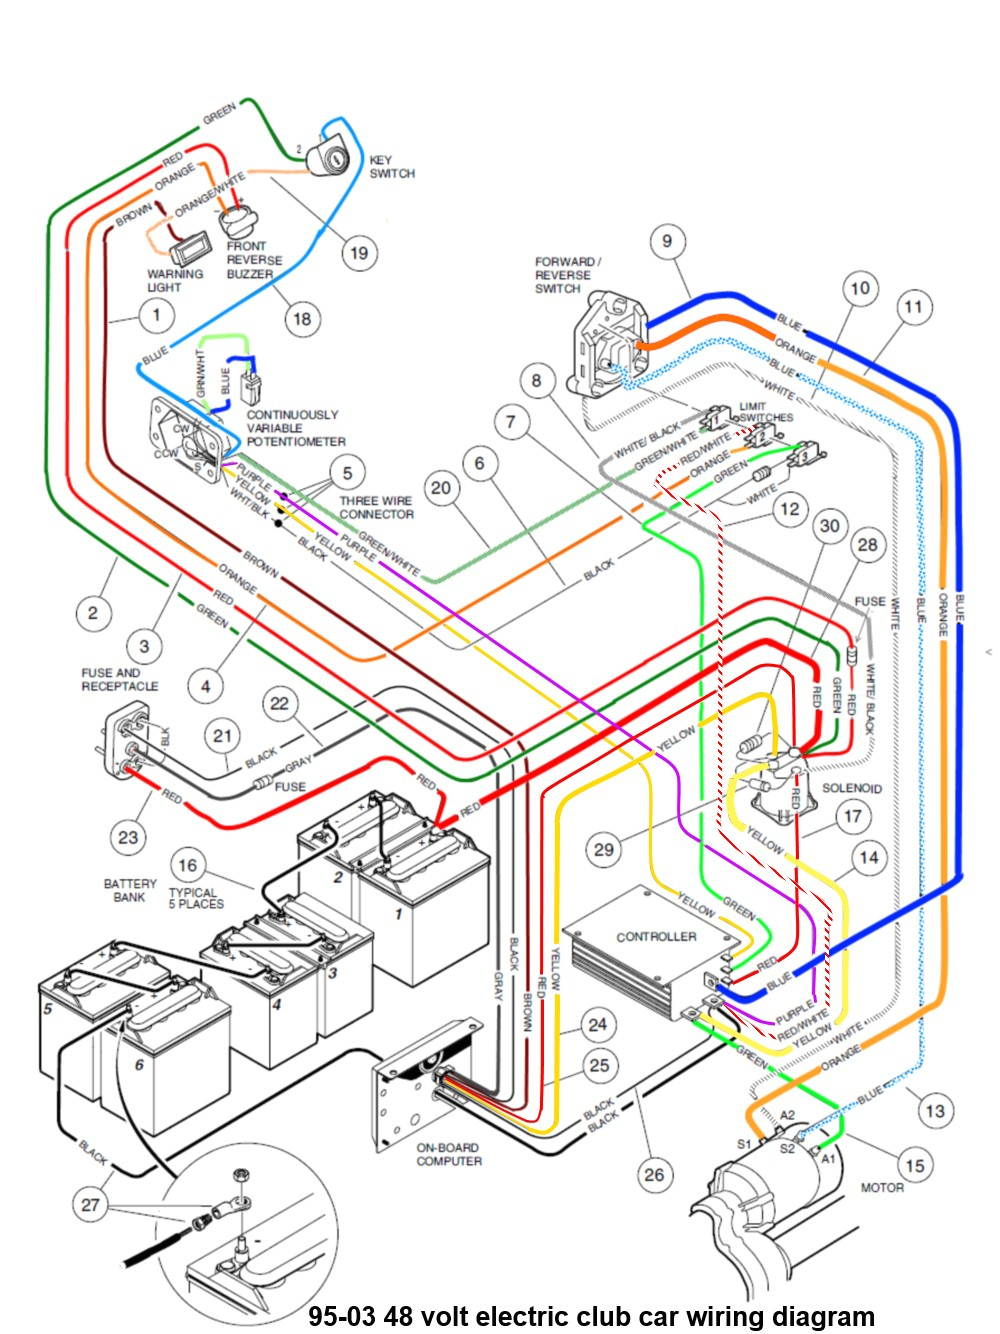 2003 F250 V1 0 Wiring Diagram | Wiring Library - Club Car Ds Wiring Diagram